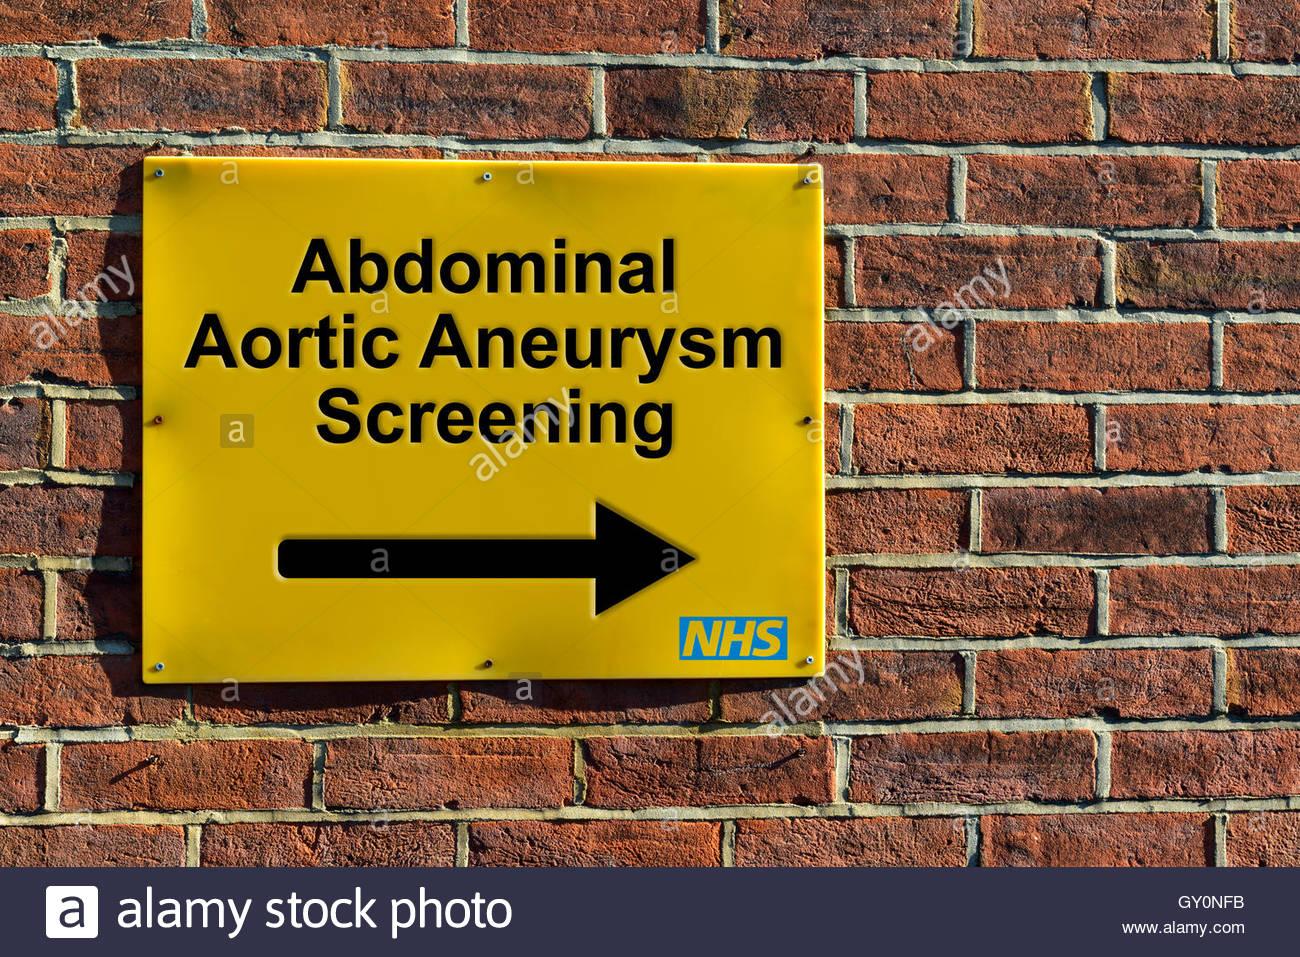 Dépistage des anévrismes de l'aorte abdominale, montage mural du NHS ...